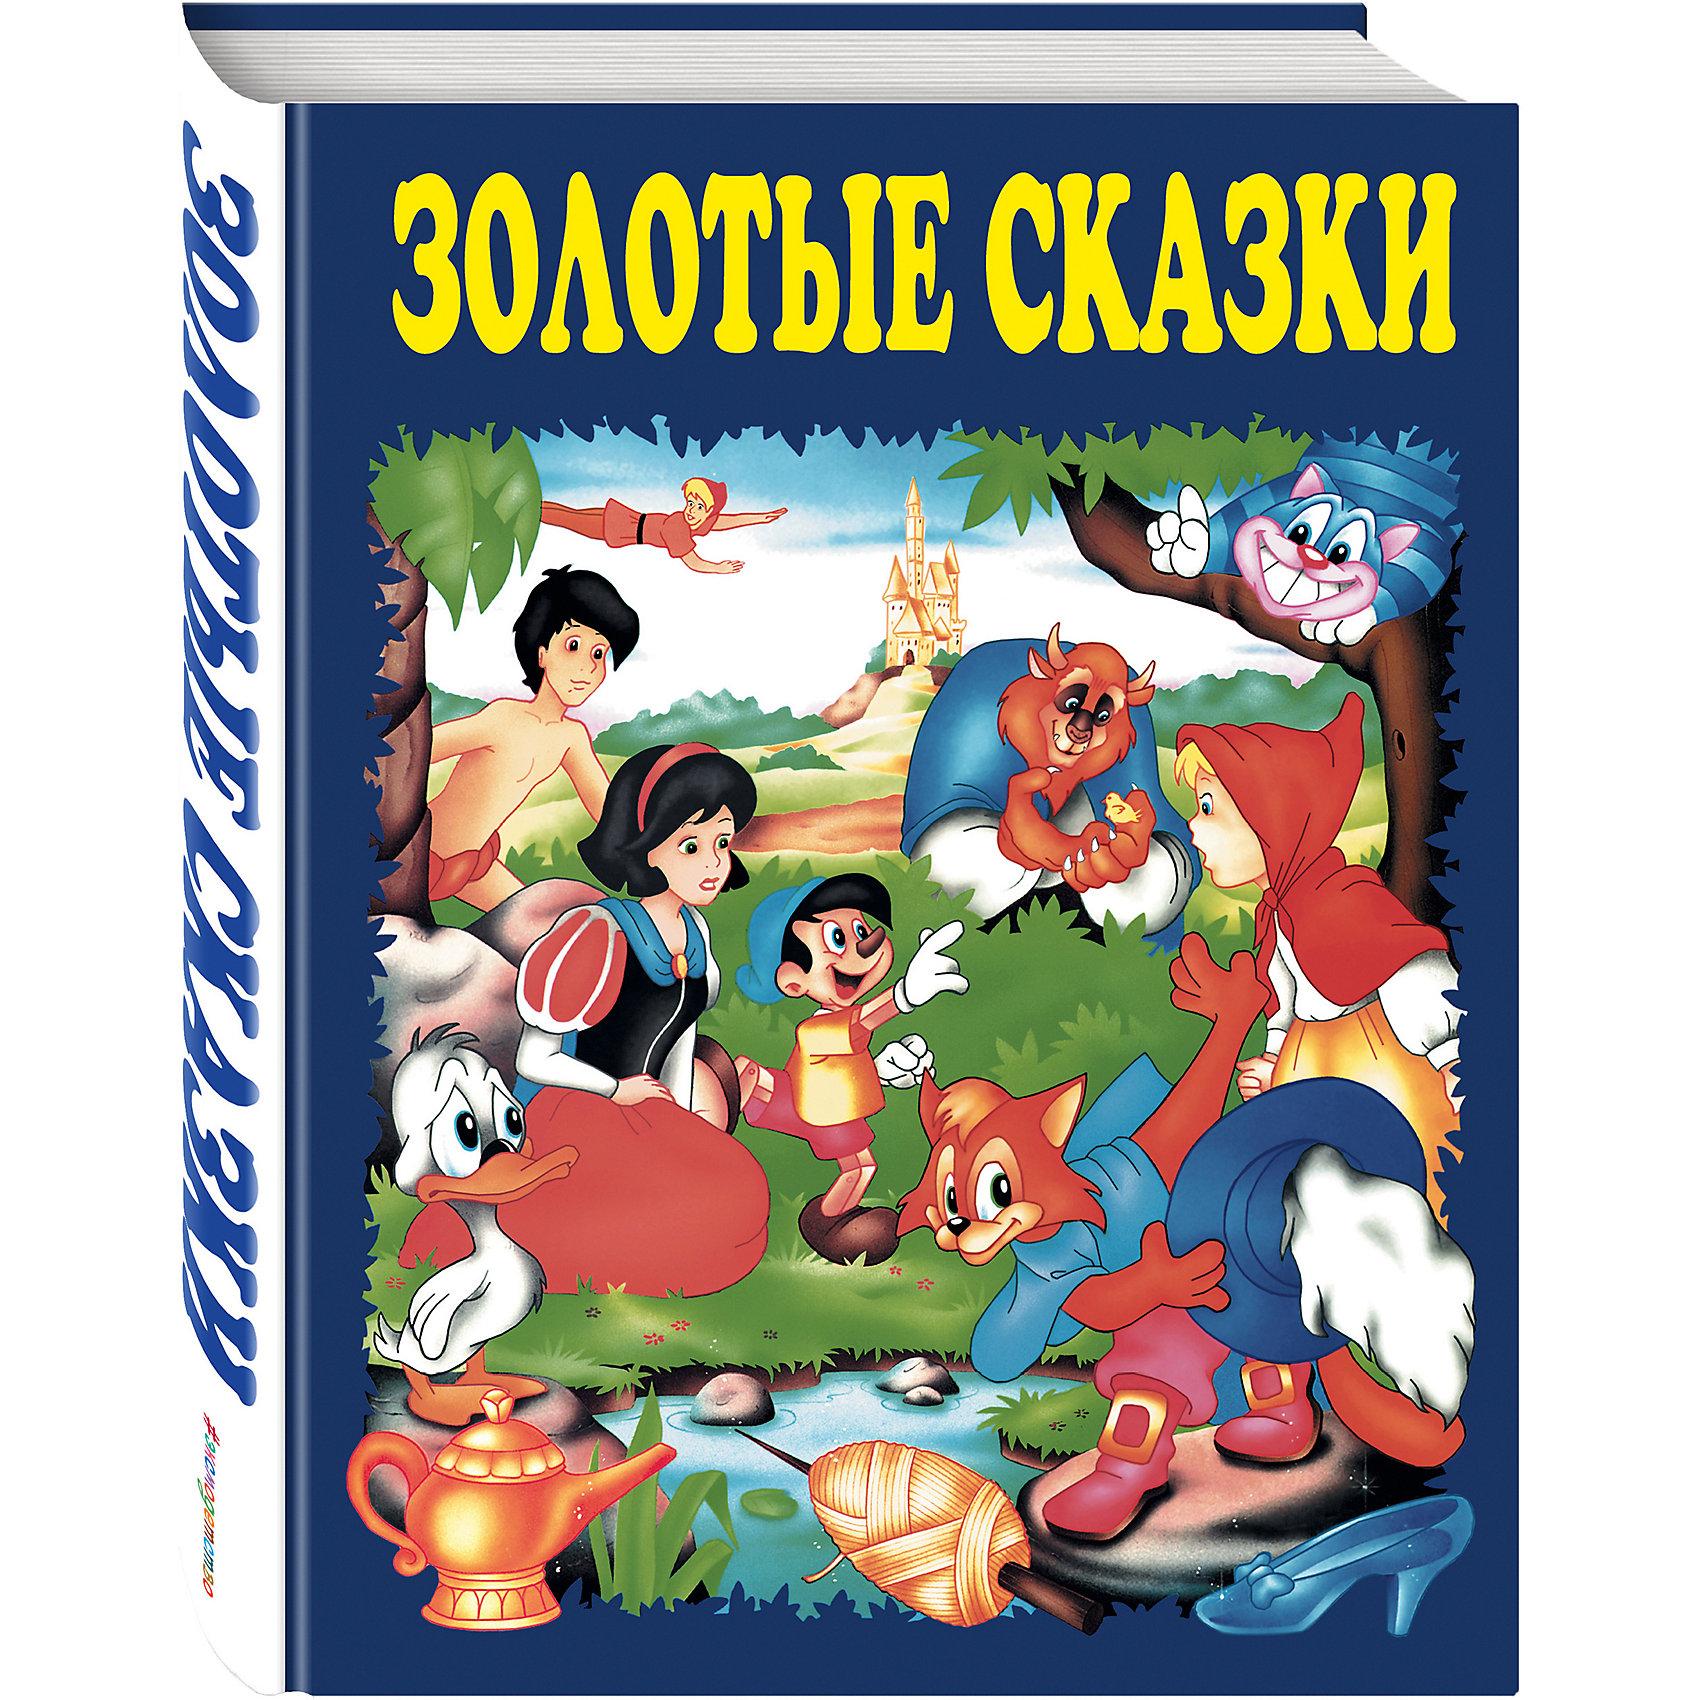 Золотые сказкиСказки<br>Характеристики товара: <br><br>• ISBN: 9785699609833<br>• возраст от: 5 лет<br>• формат: 84x108/16<br>• бумага: офсет<br>• обложка: твердая<br>• иллюстрации: цветные, черно-белые<br>• серия: Золотые сказки для детей<br>• издательство: Эксмо<br>• художник: Панков Игорь<br>• количество страниц: 224<br>• размеры: 26x20 см<br><br>Это издание «Золотые сказки» содержит в себе любимые истории для детей разных времен и стран. Такая книга поможет привить малышам любовь к чтению. <br><br>Отличное качество издания, красочные иллюстрации известного художника - всё это поможет проникнуться атмосферой волшебства.<br><br>Книгу «Золотые сказки» можно купить в нашем интернет-магазине.<br><br>Ширина мм: 255<br>Глубина мм: 197<br>Высота мм: 200<br>Вес г: 986<br>Возраст от месяцев: 60<br>Возраст до месяцев: 2147483647<br>Пол: Унисекс<br>Возраст: Детский<br>SKU: 5535401